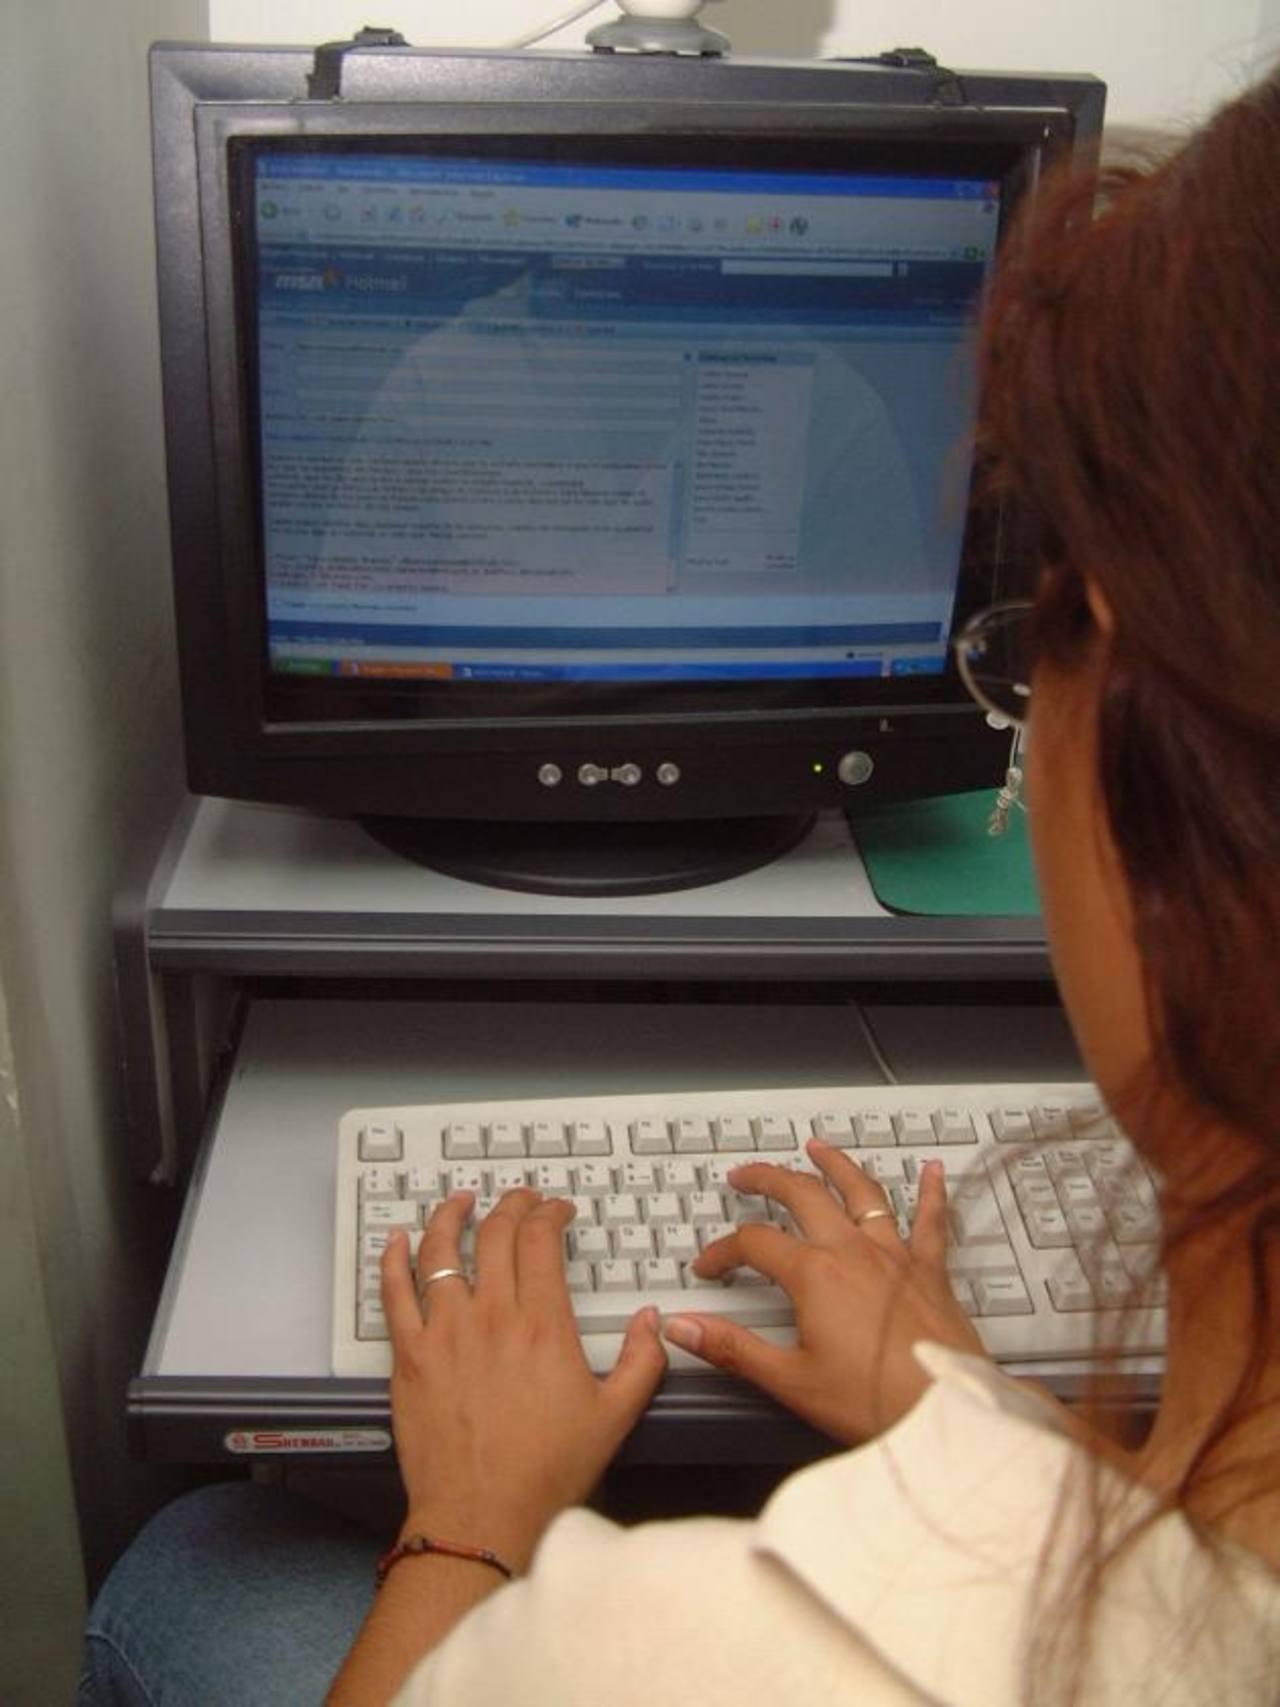 Expertos señalan que mediante el espionaje cibernético se pretende neutralizar las voces disidentes. Foto EDH /archivo